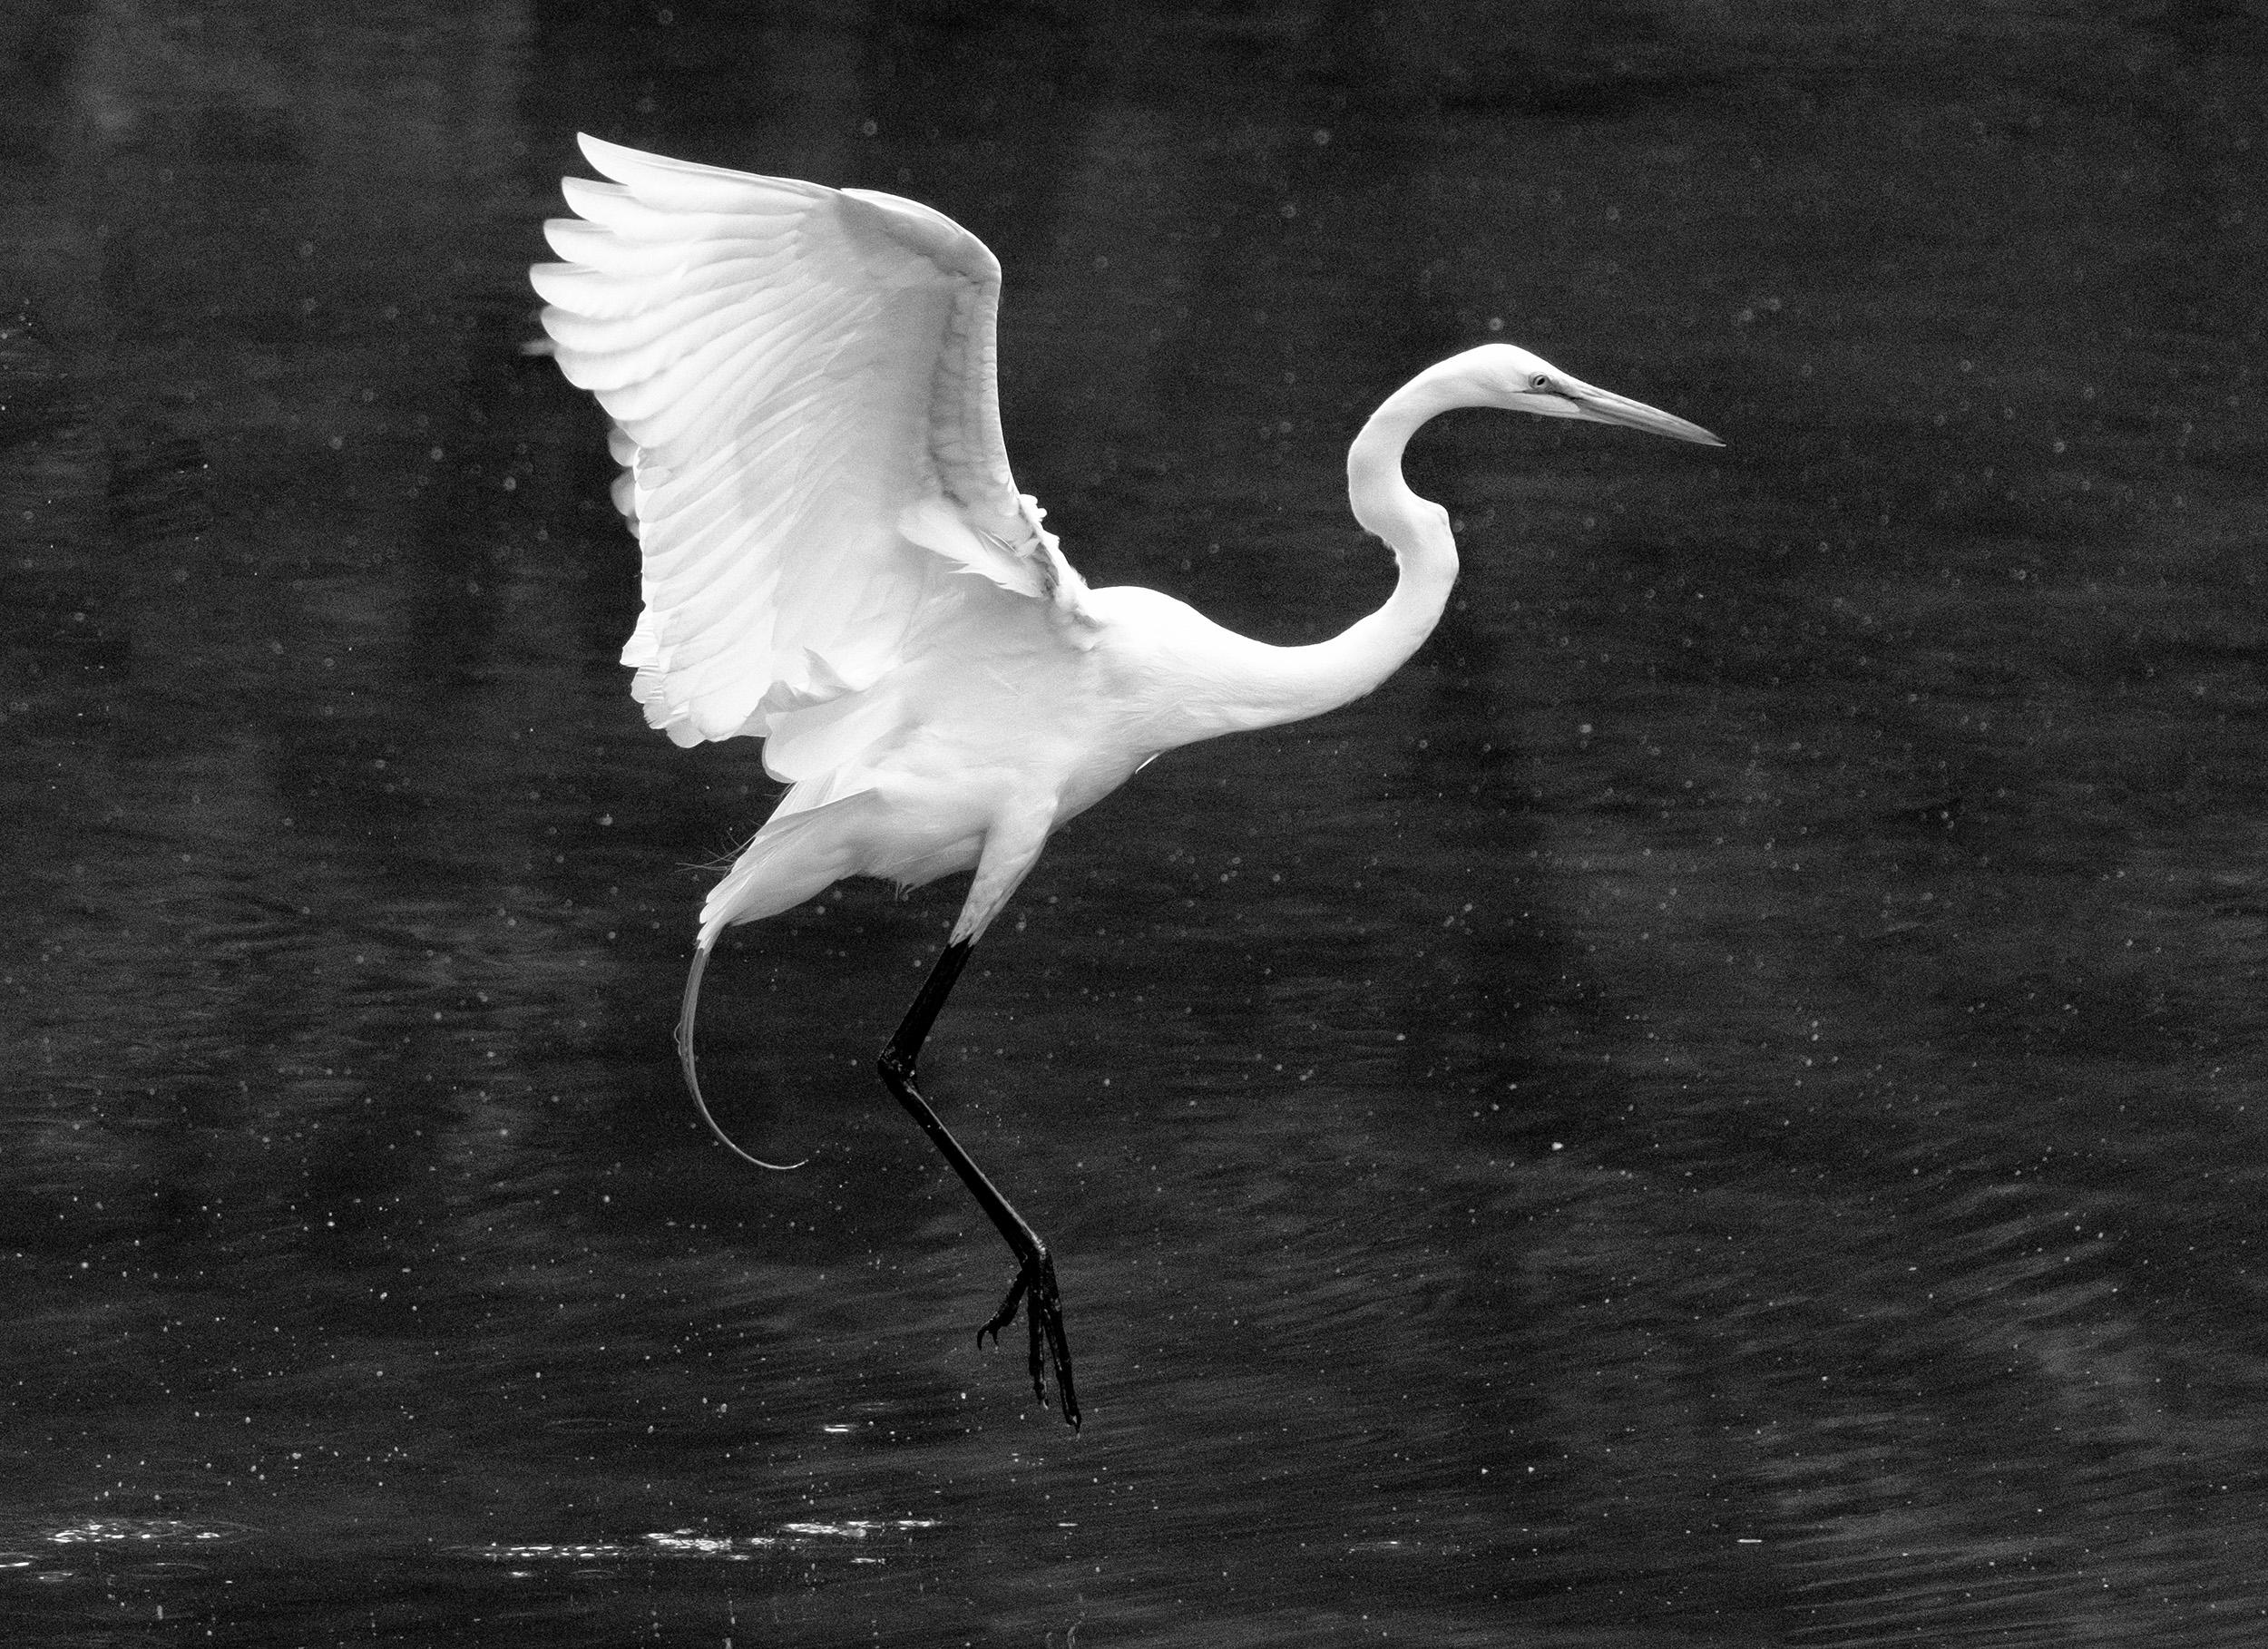 190518 Canal Birds XT2 117-1 flt bw.jpg